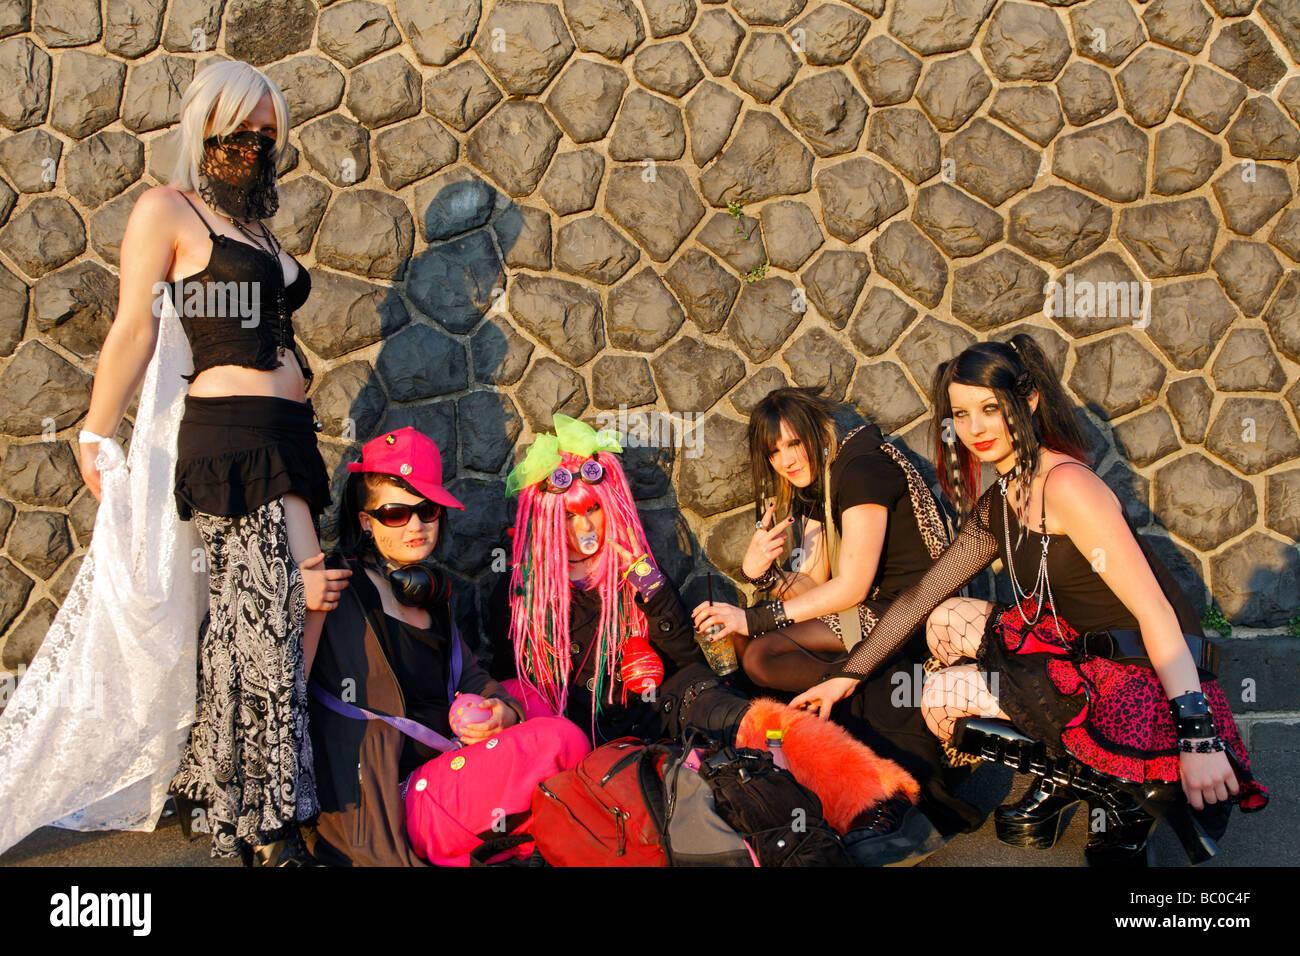 Gruppo di raffinato 5 ragazze in squillante vestito di fantasia sulla giornata giapponese a Düsseldorf 2009 Immagini Stock